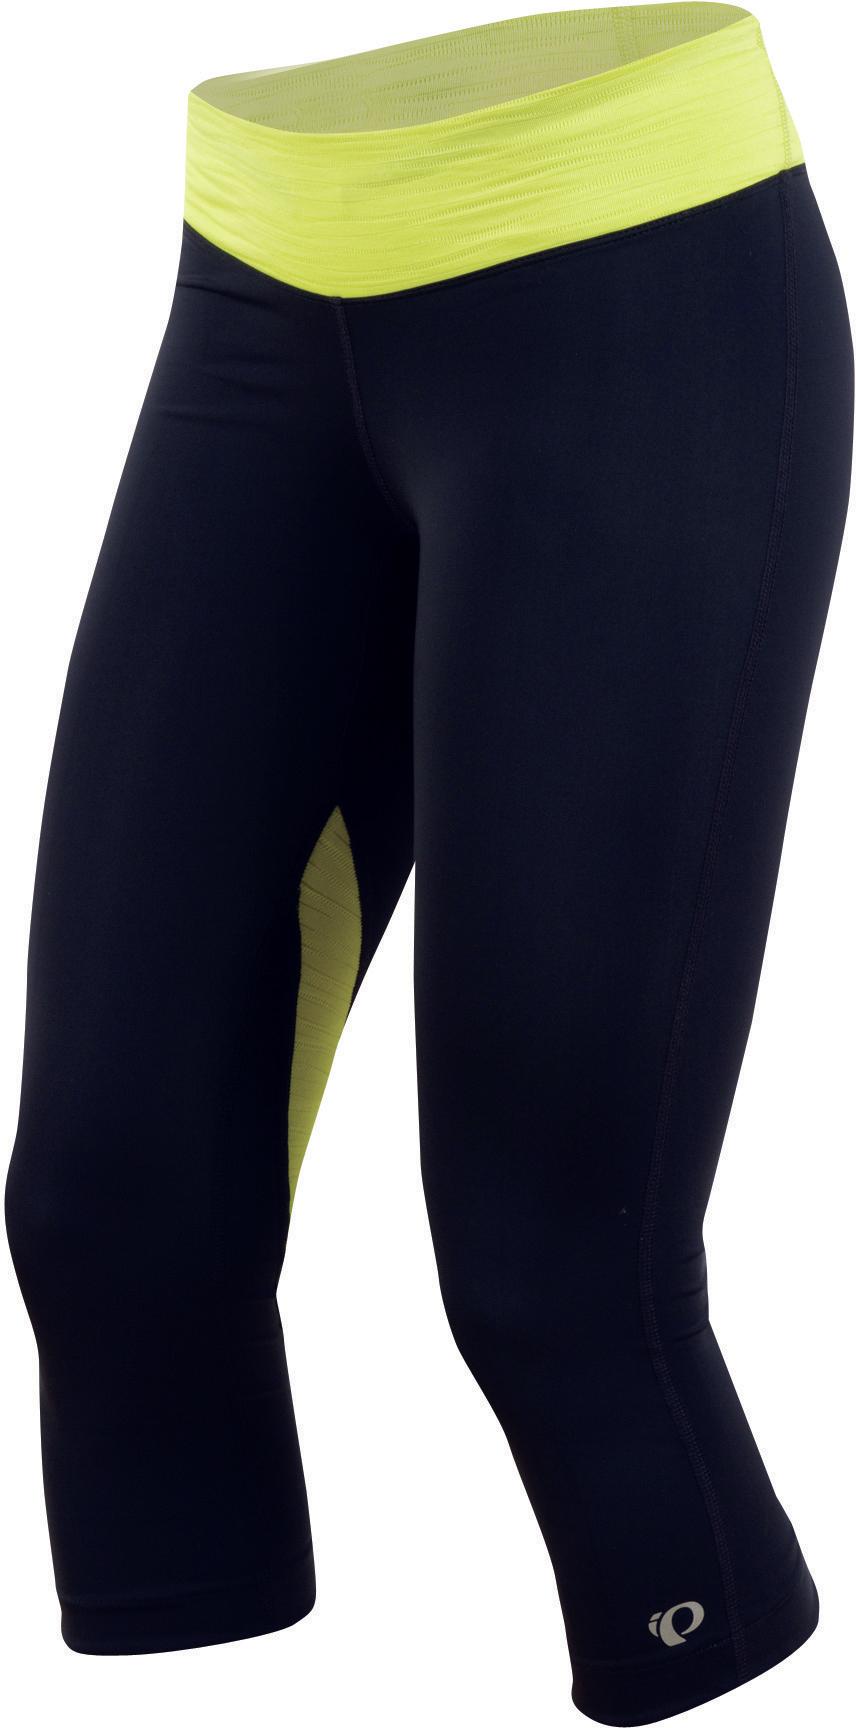 PEARL iZUMi W FLY 3/4 kalhoty, černá/žlutá, L